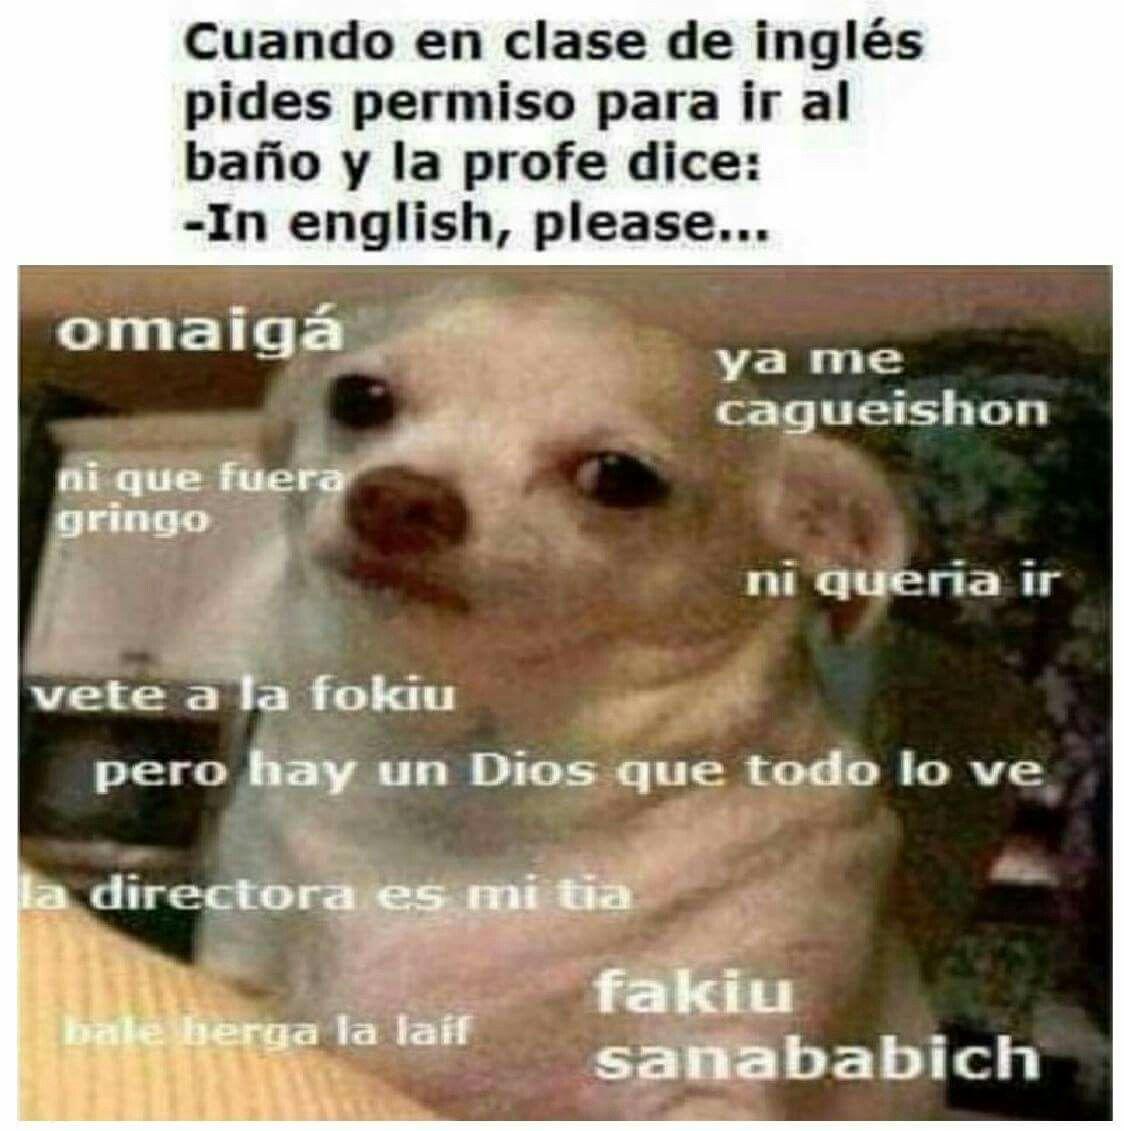 Pin De Nitza I Marin En Buen Humor Y Risas Memes Espanol Graciosos Memes Graciosos Perro Enojado